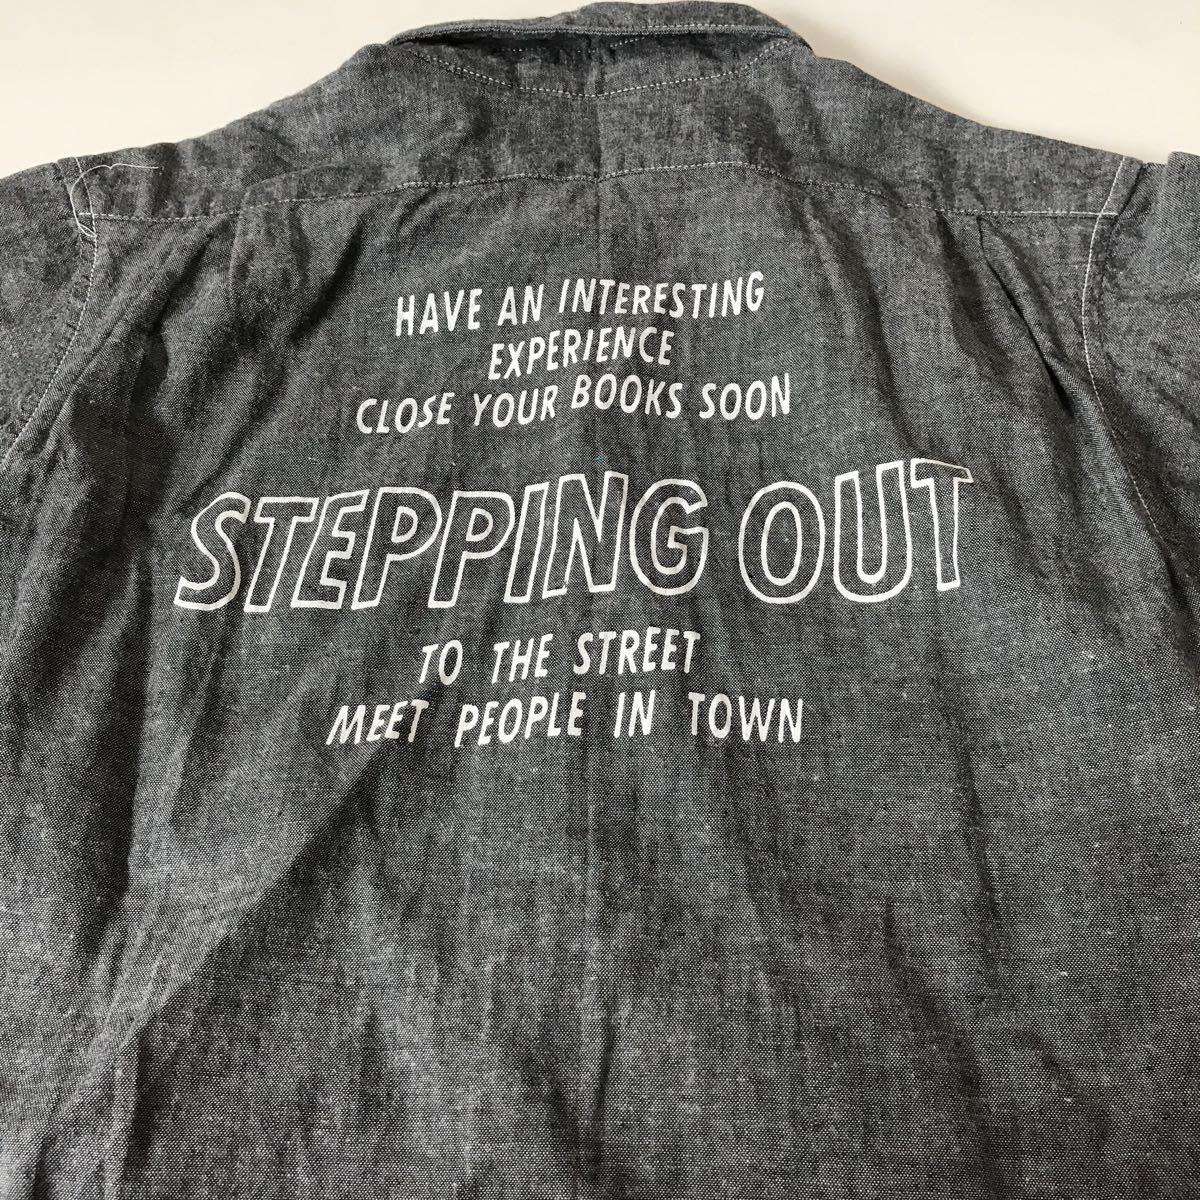 BOBSON 半袖シャツ サイズ130 綿100% グレー色 男の子 お出かけなどにもぴったり クリックポスト185円発送可能_画像6